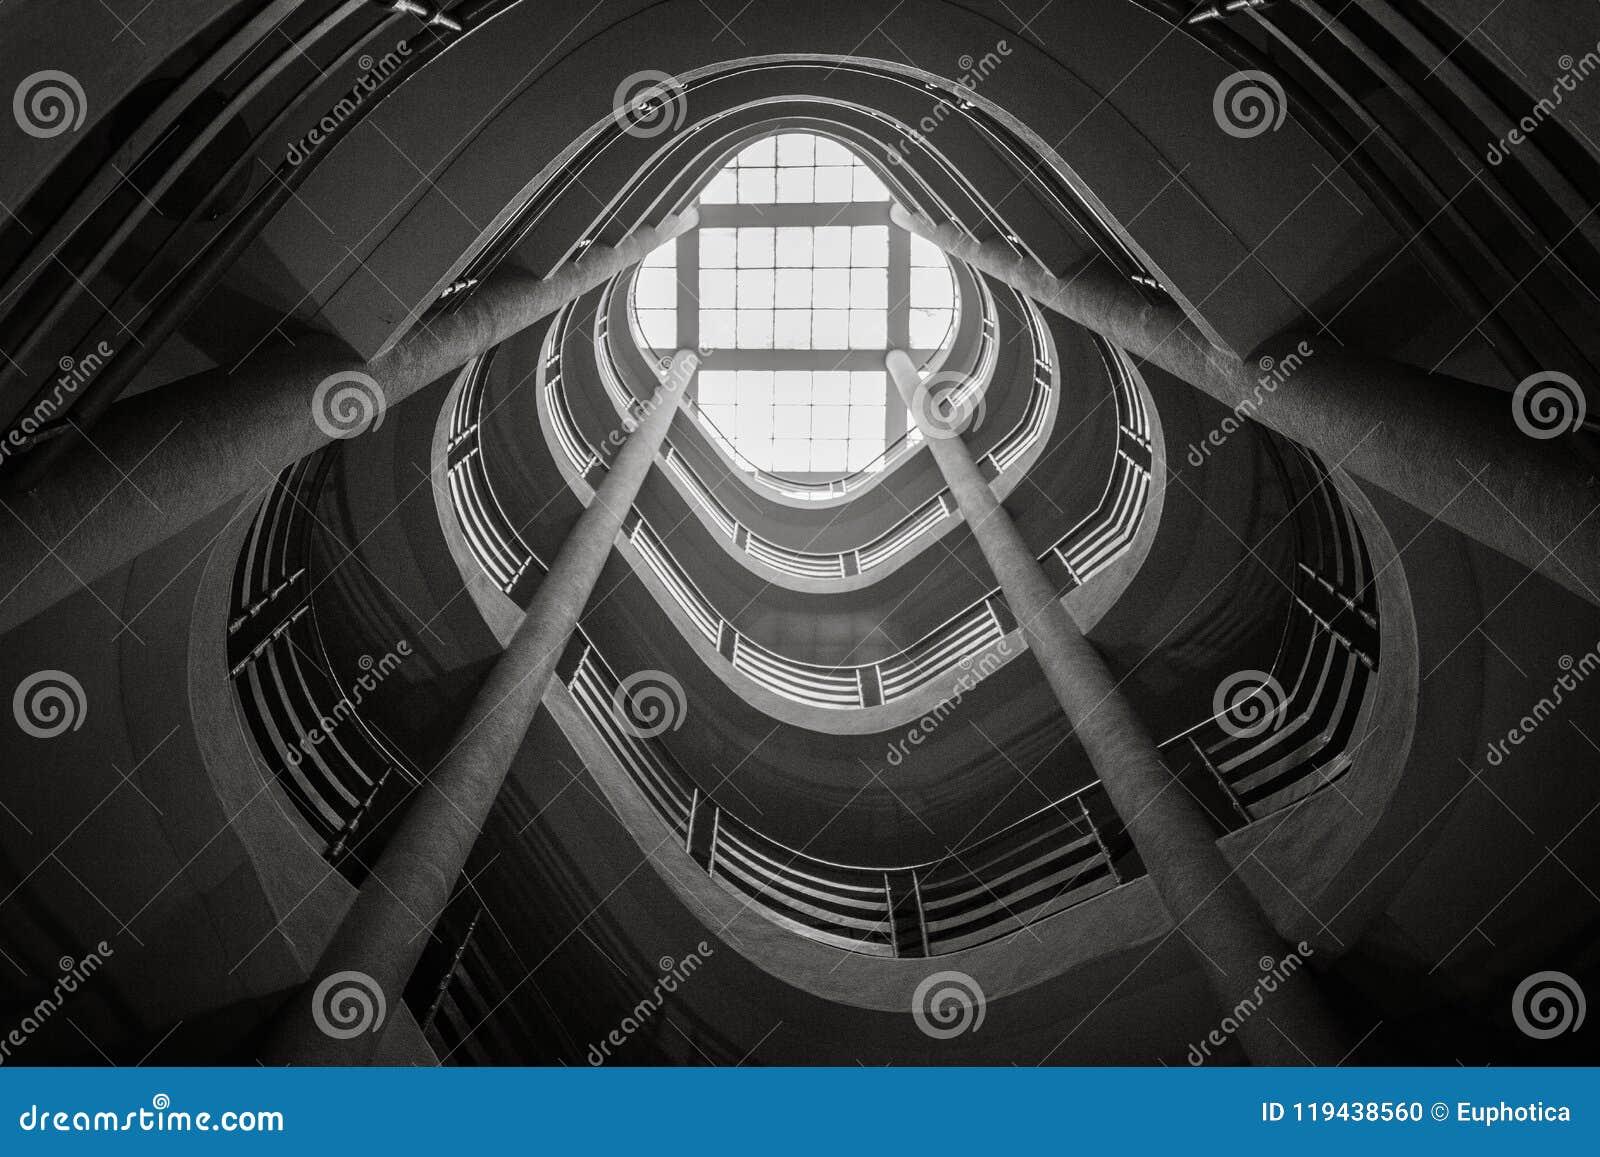 Escalera espiral que sube hacia arriba, blanco y negro